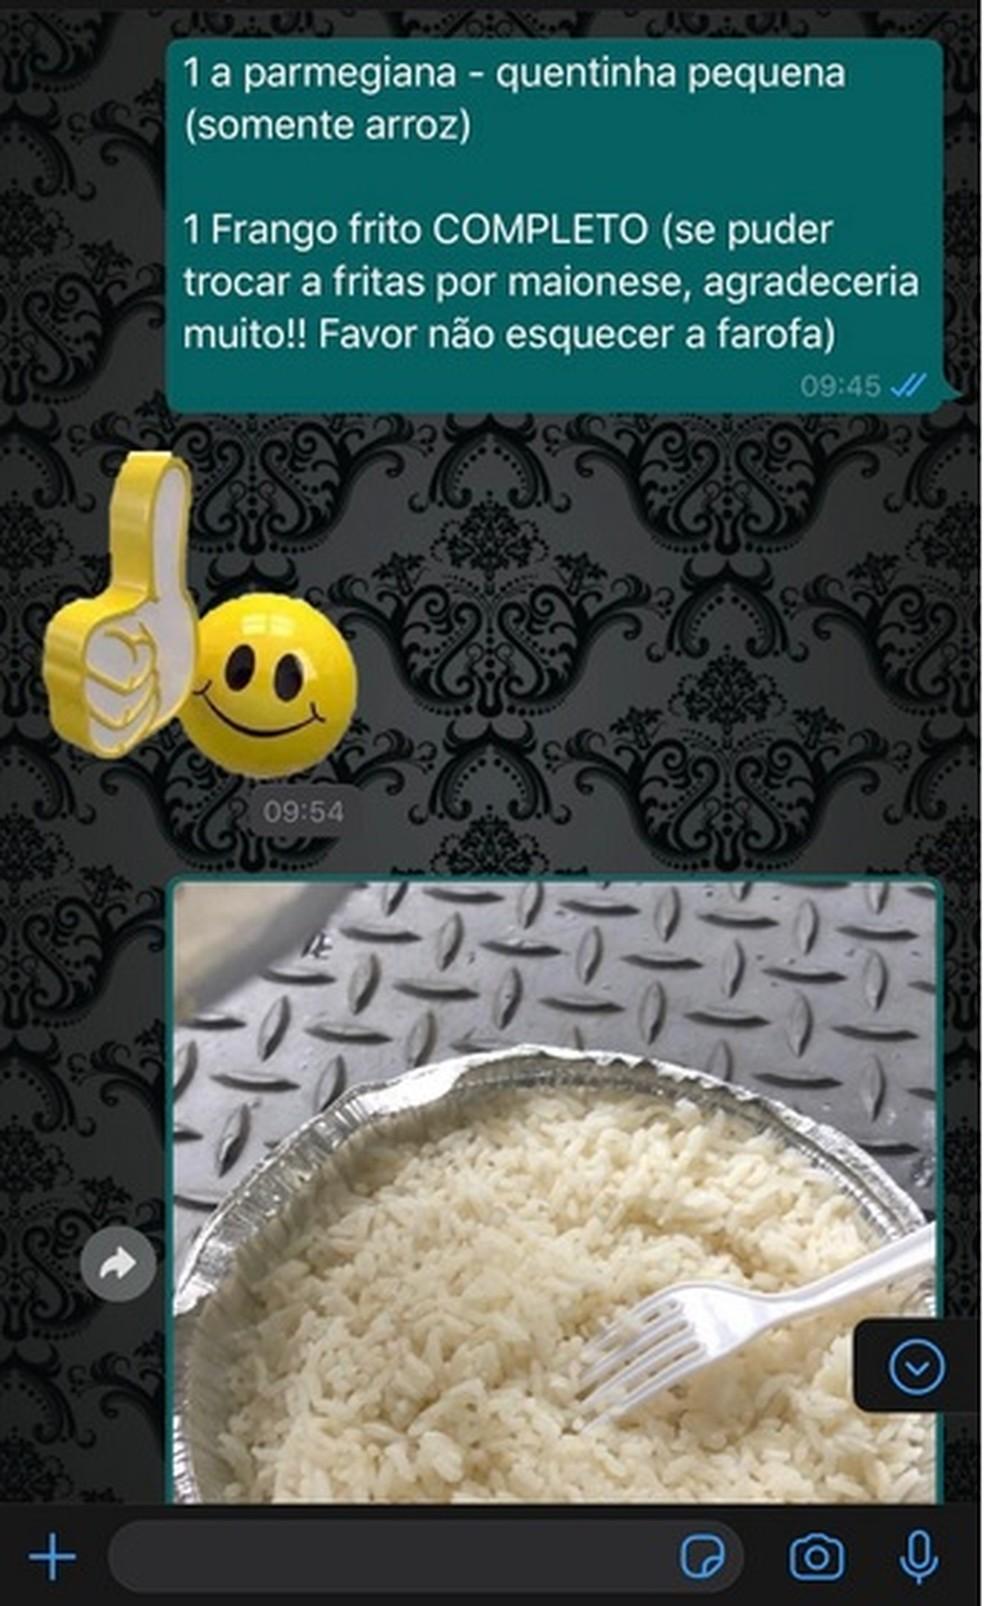 O pedido do frango à parmegiana com o acompanhamento apenas de arroz — Foto: Lucas Duarte/ Redes sociais